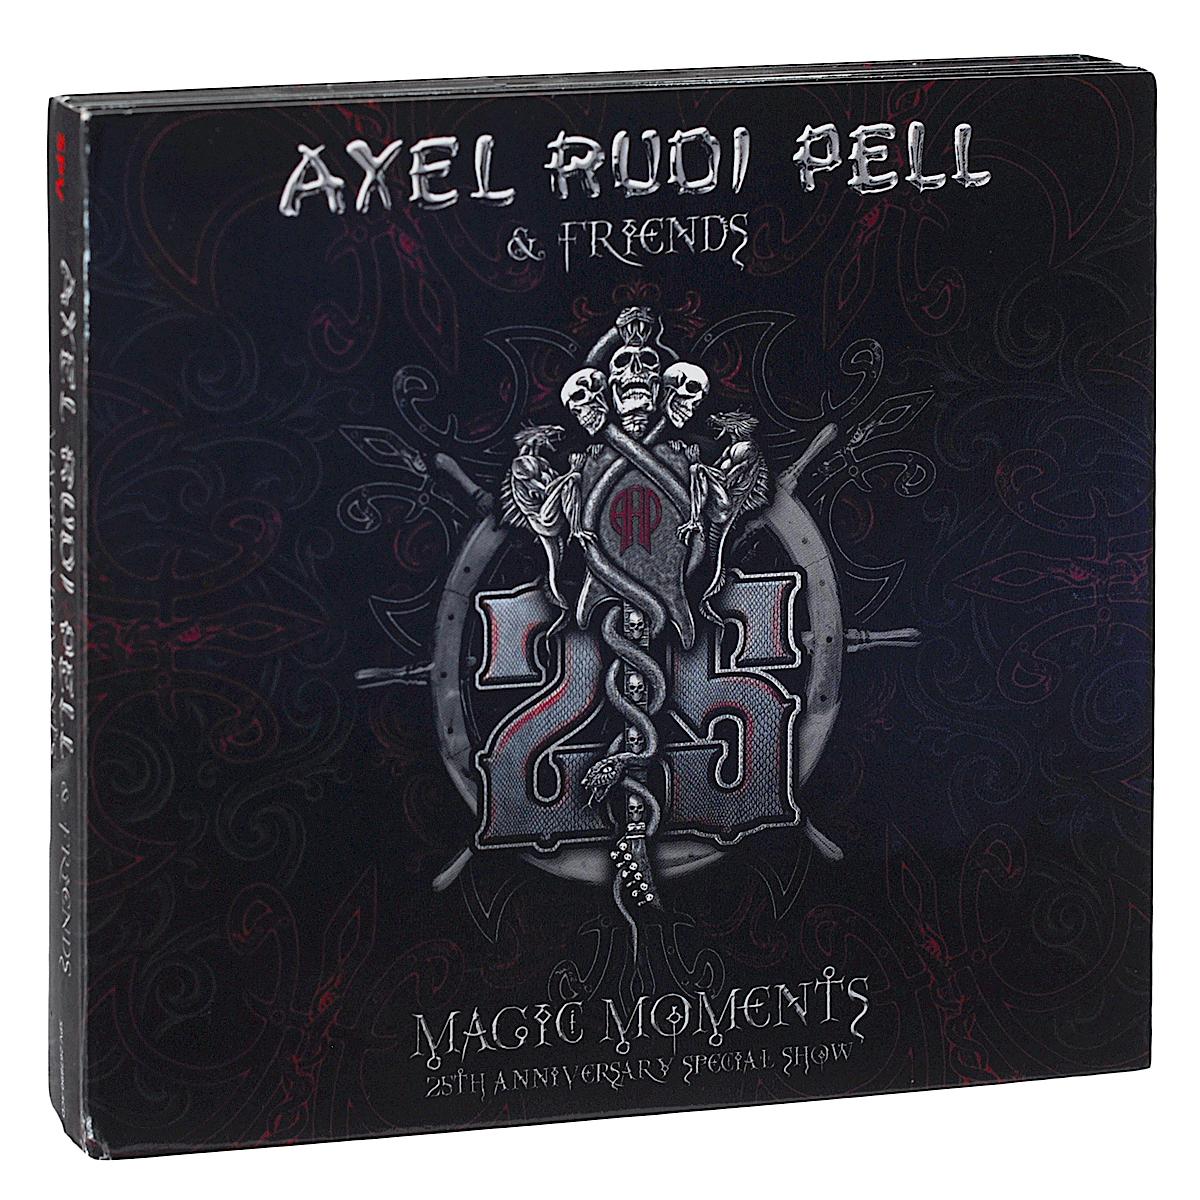 цена Аксель Руди Пелл Axel Rudi Pell & Friends. Magic Moments. 25Th Anniversary Special Show (3 CD) онлайн в 2017 году